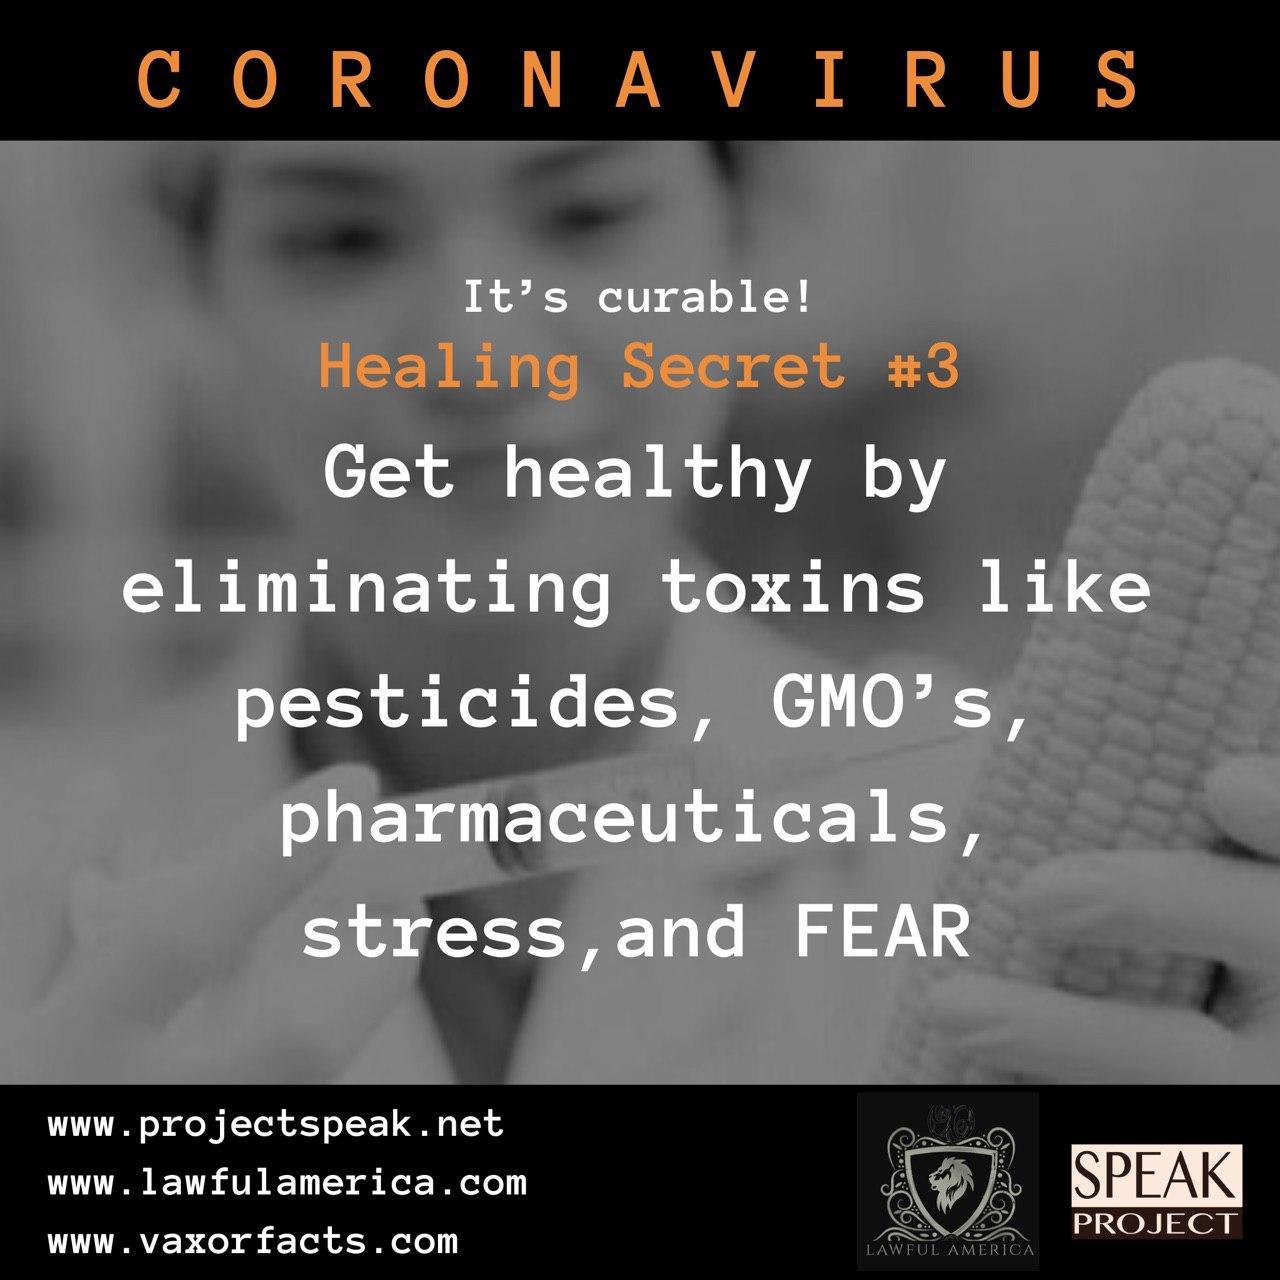 Coronavirus - Healing Secret #3